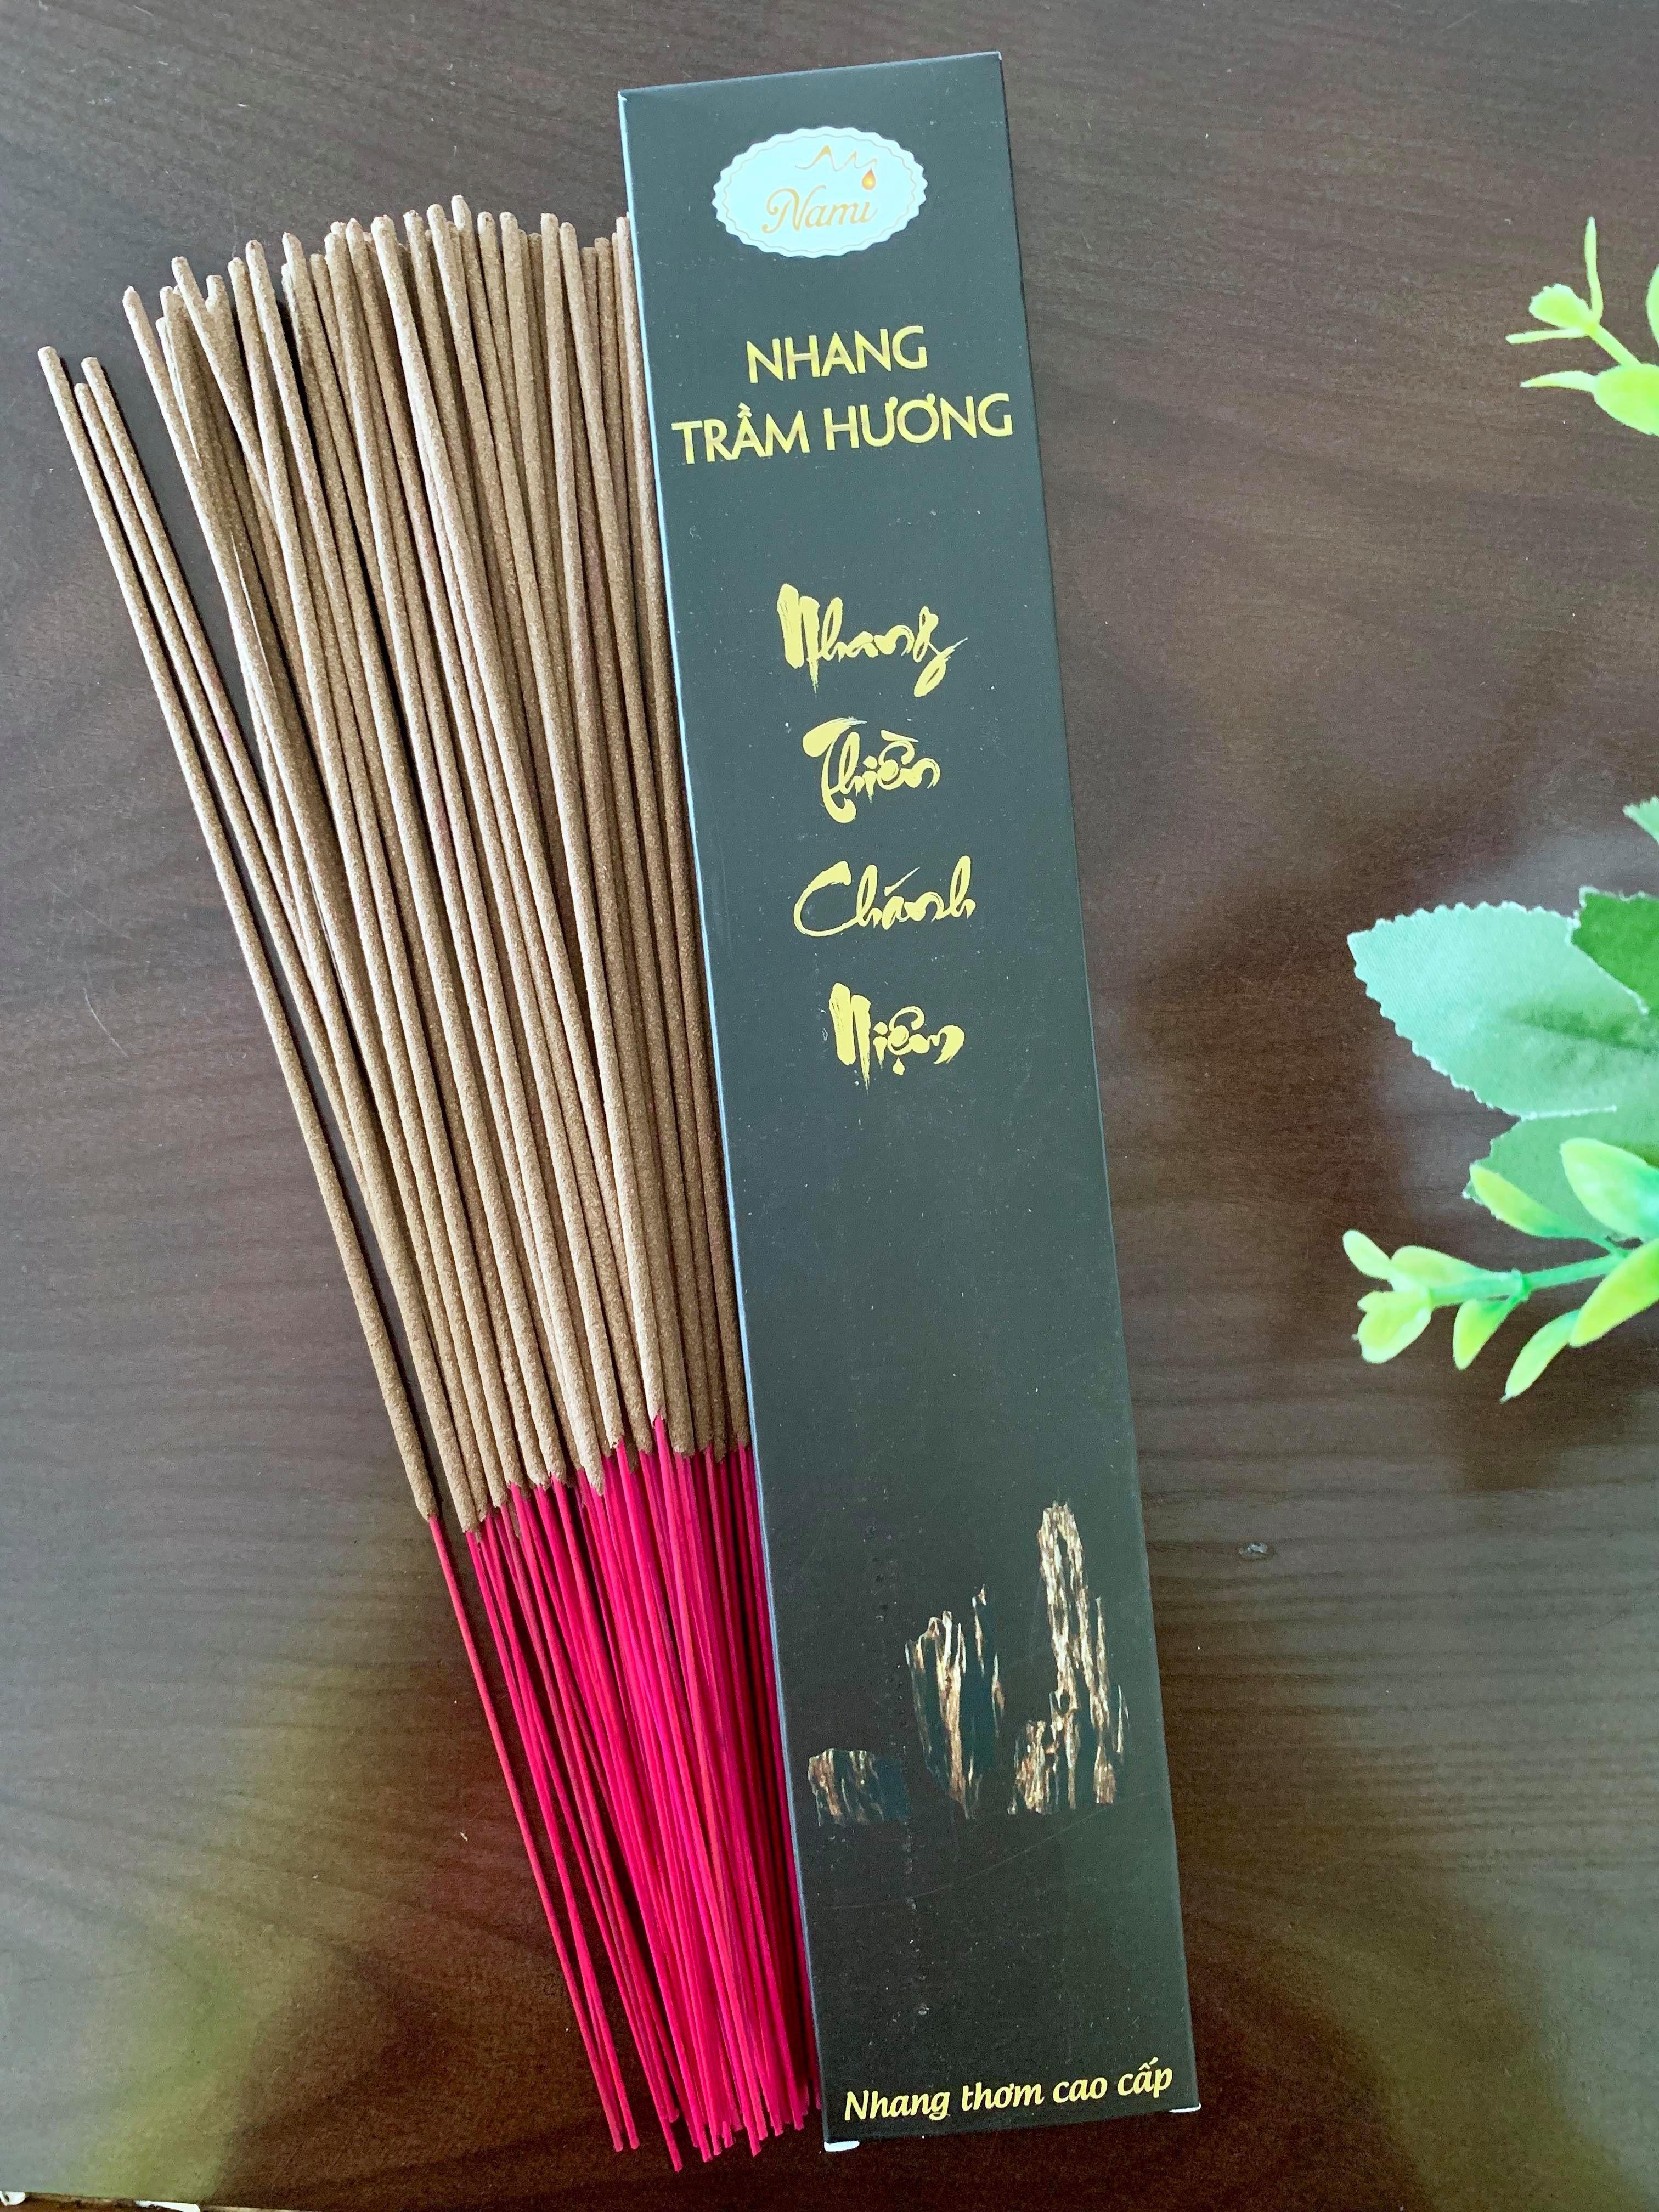 Nhang Chánh Niệm Trầm Hương Việt Nam Hộp 50 cây - 30cm